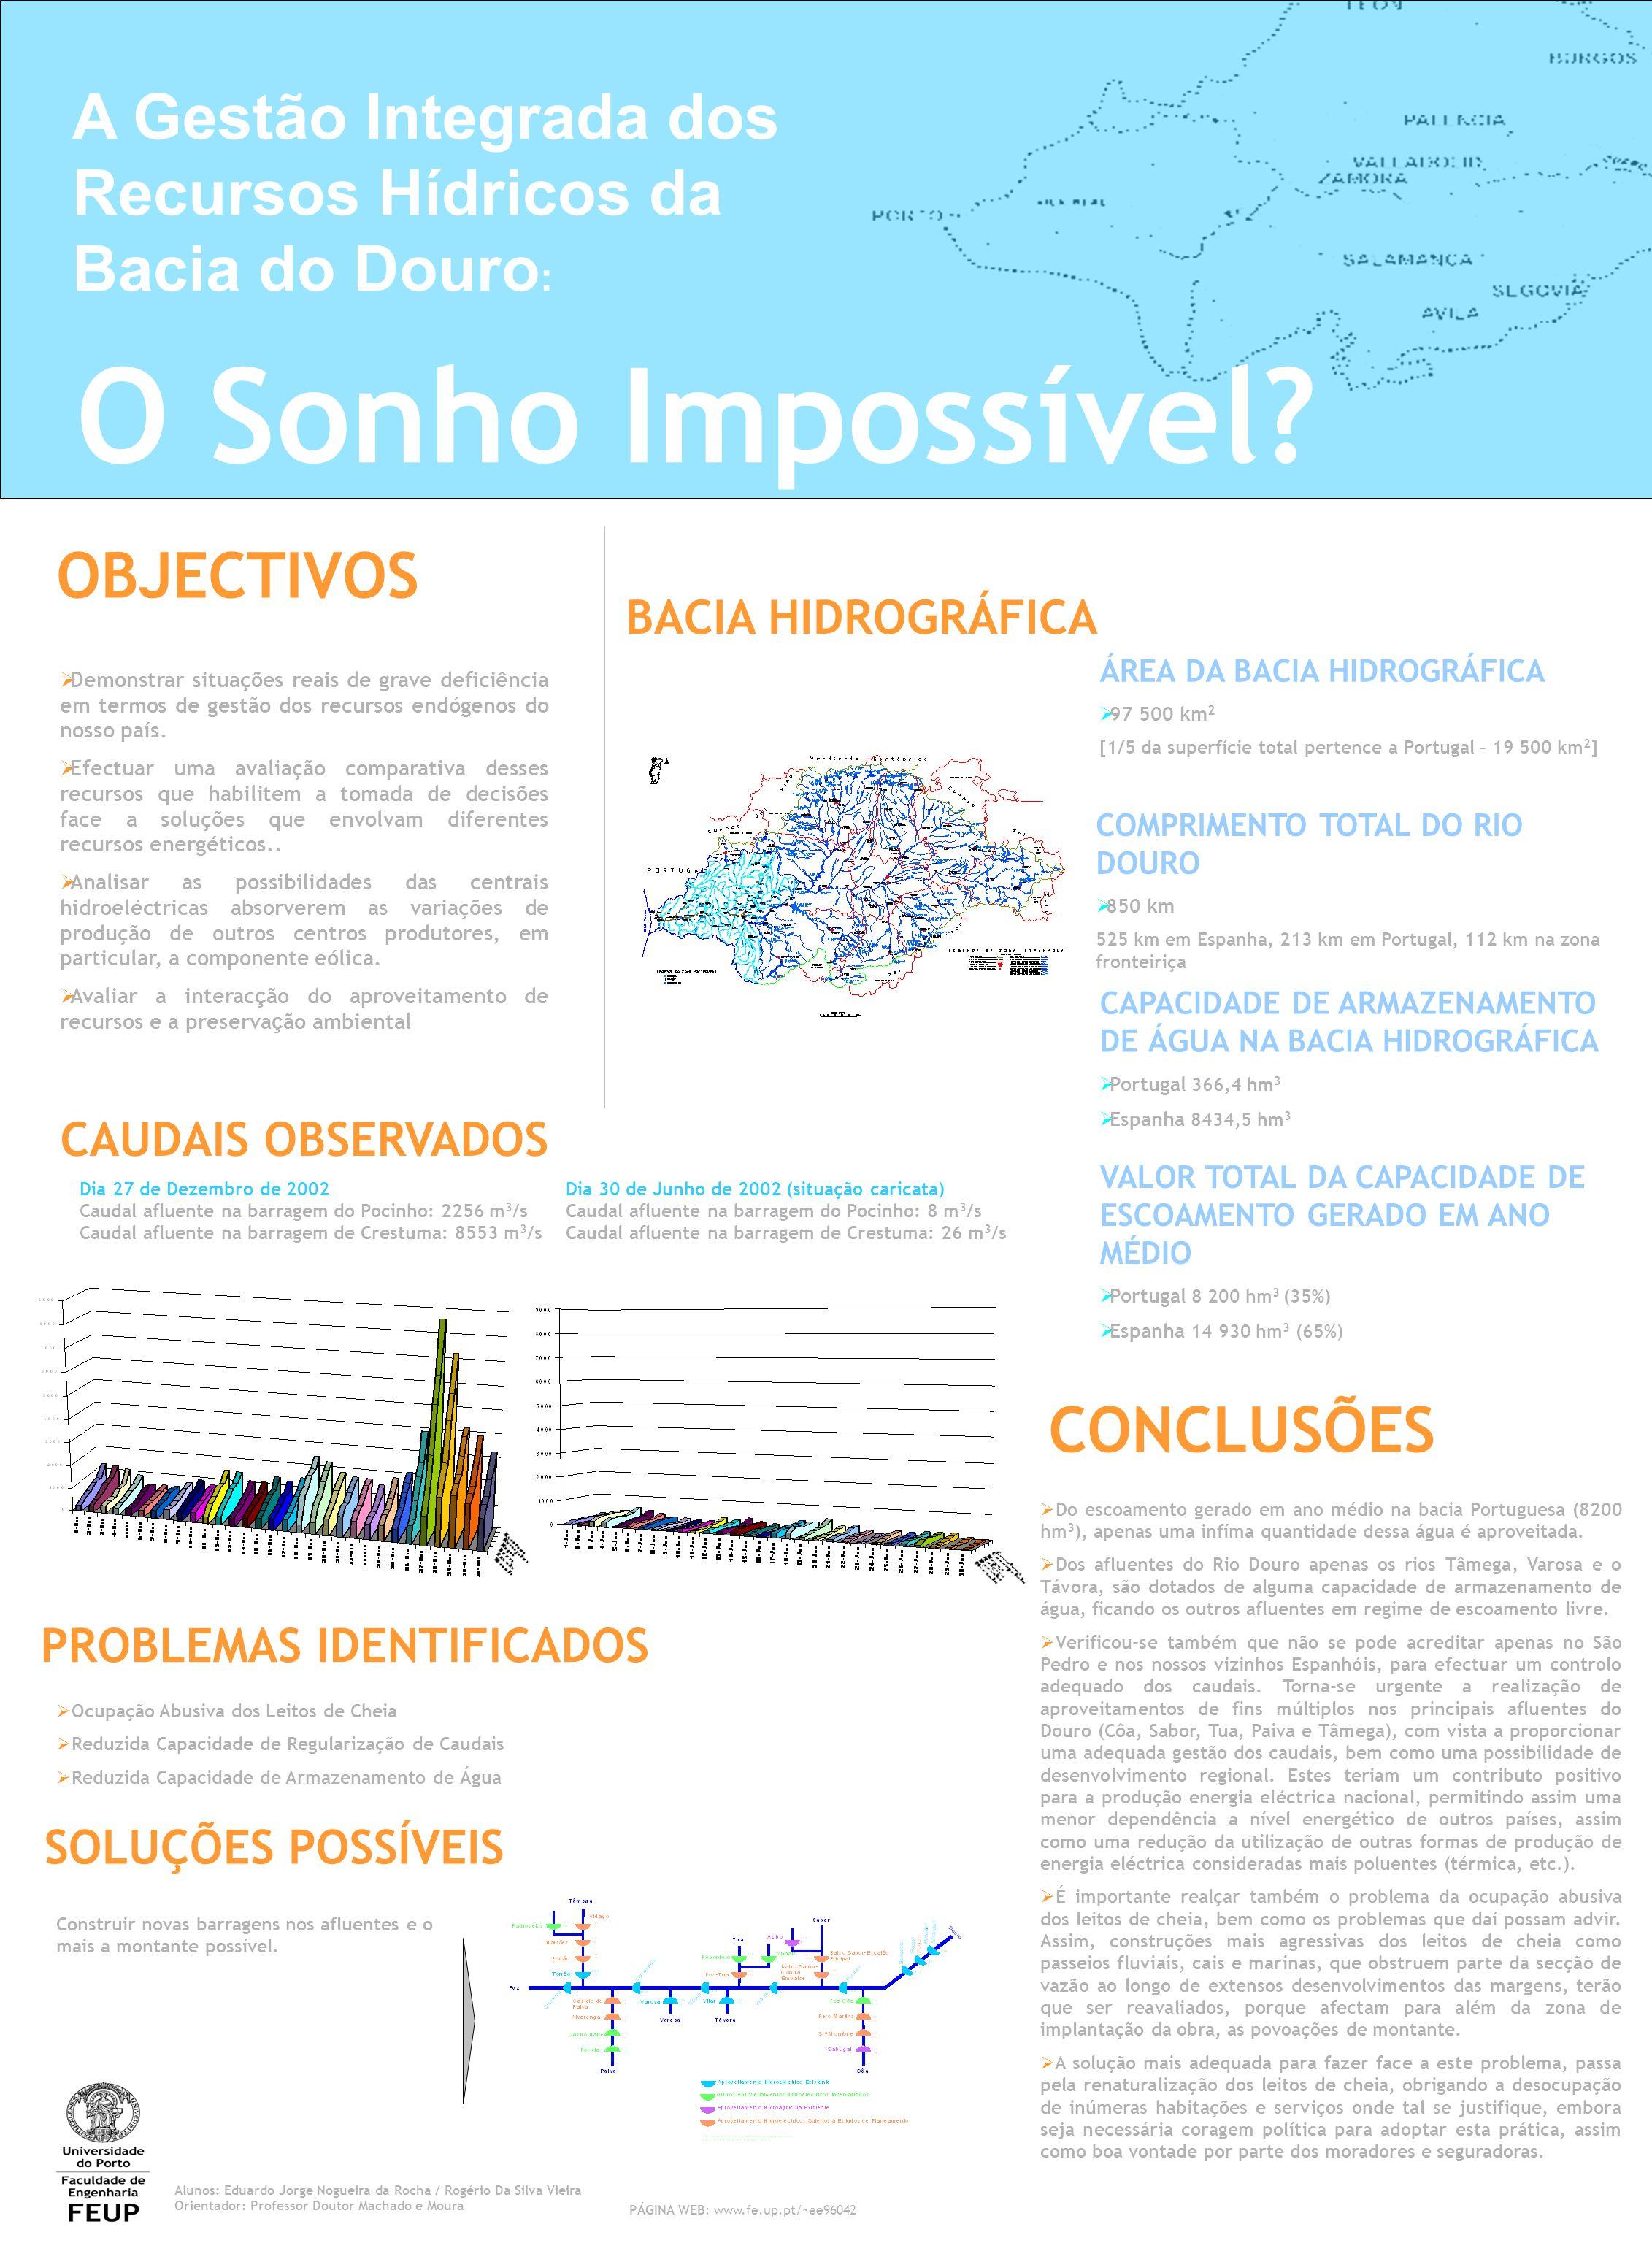 A Gestão Integrada dos Recursos Hídricos da Bacia do Douro : O Sonho Impossível.